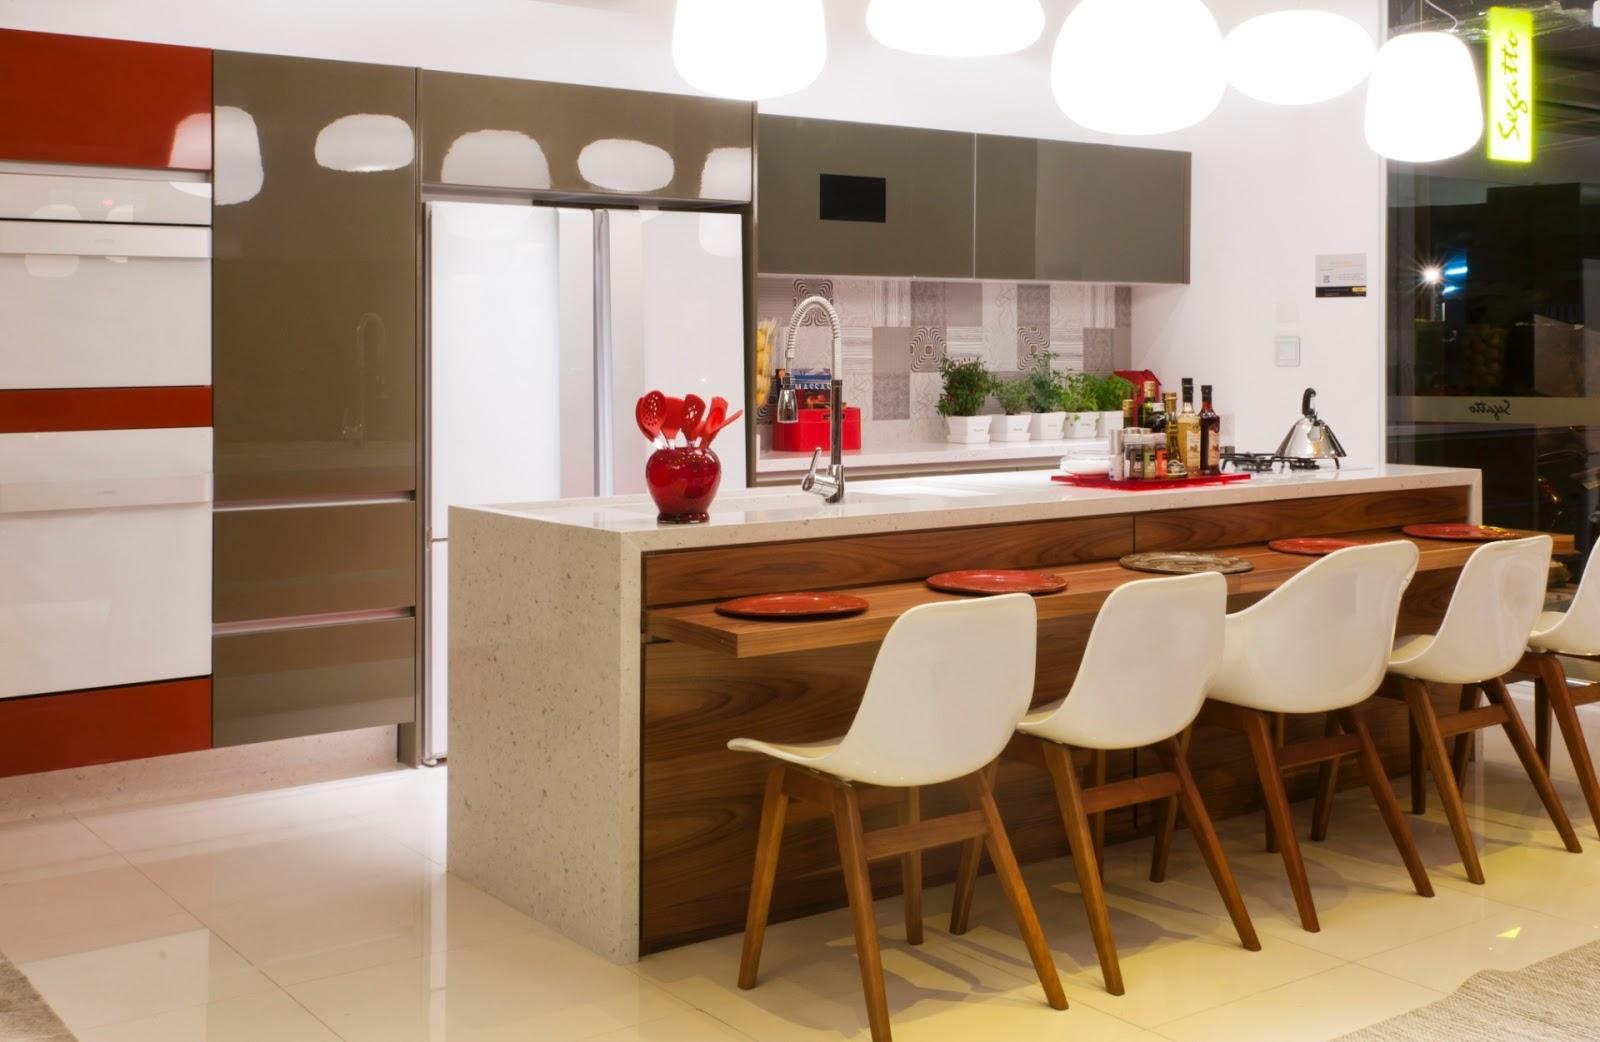 #AB2A20 para pratos faqueiros outros utensílios bem organizados dentro de  1600x1042 px Balcao Mesa Para Cozinha Americana #1143 imagens